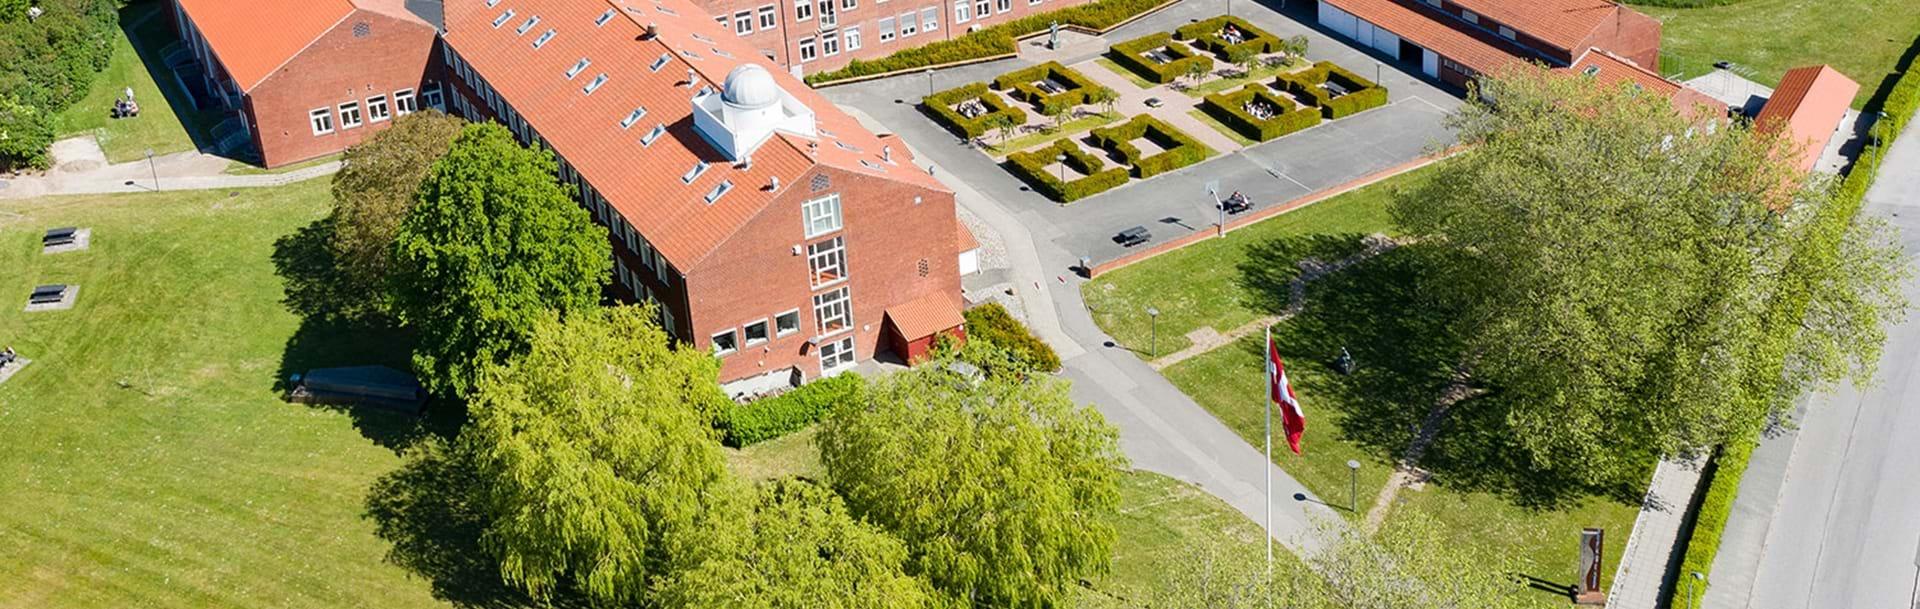 Skolen fotograferet oppe fra med drone